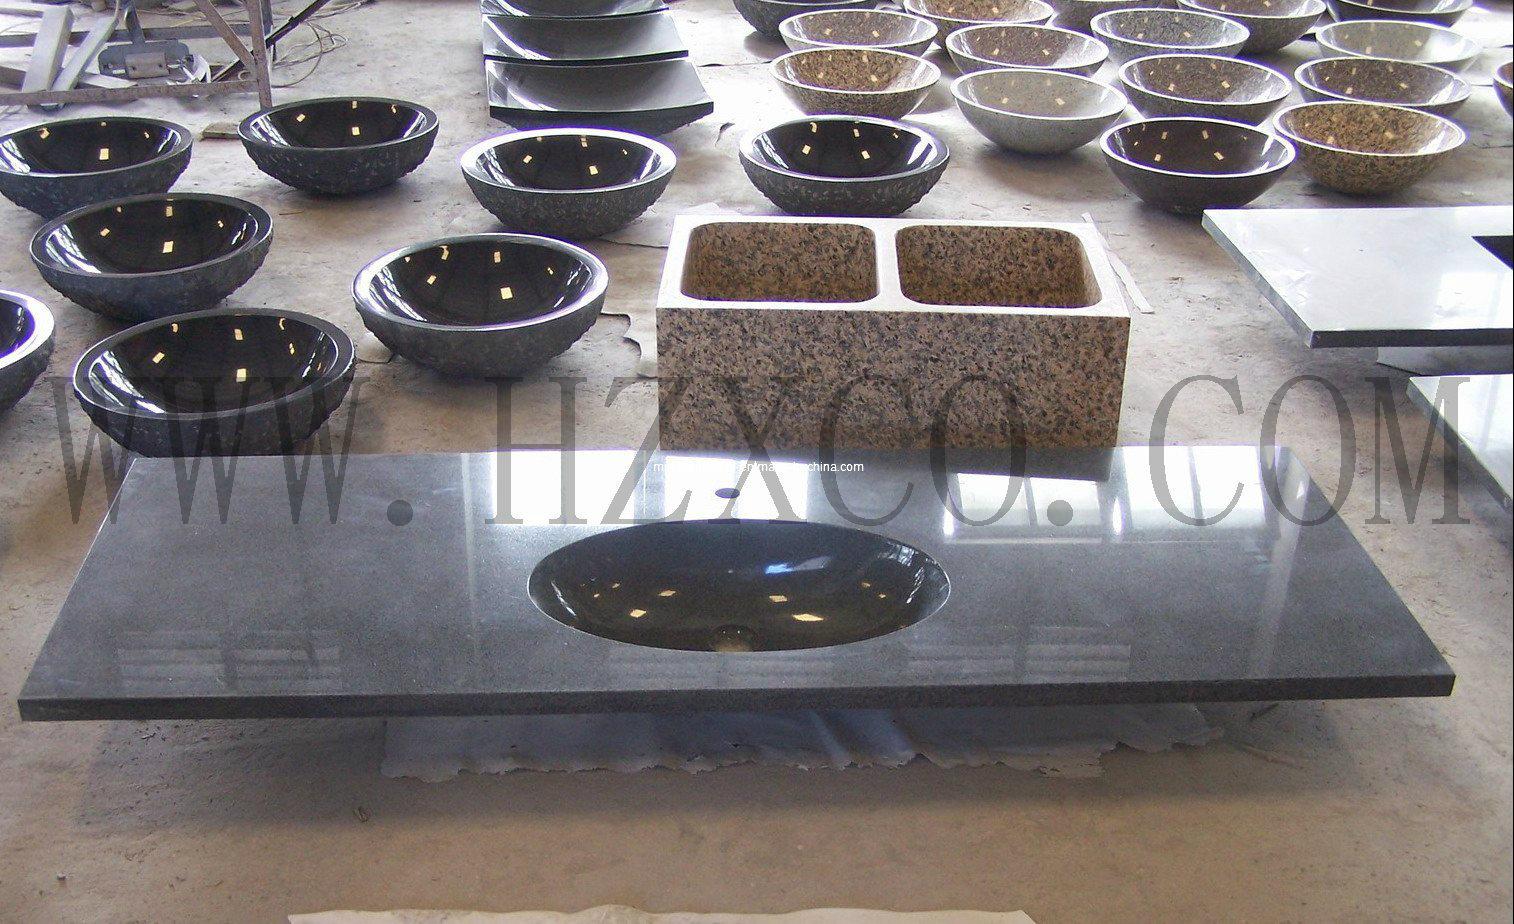 Hzx Granite Vanitytop, Countertop, Sink, Wash Basin